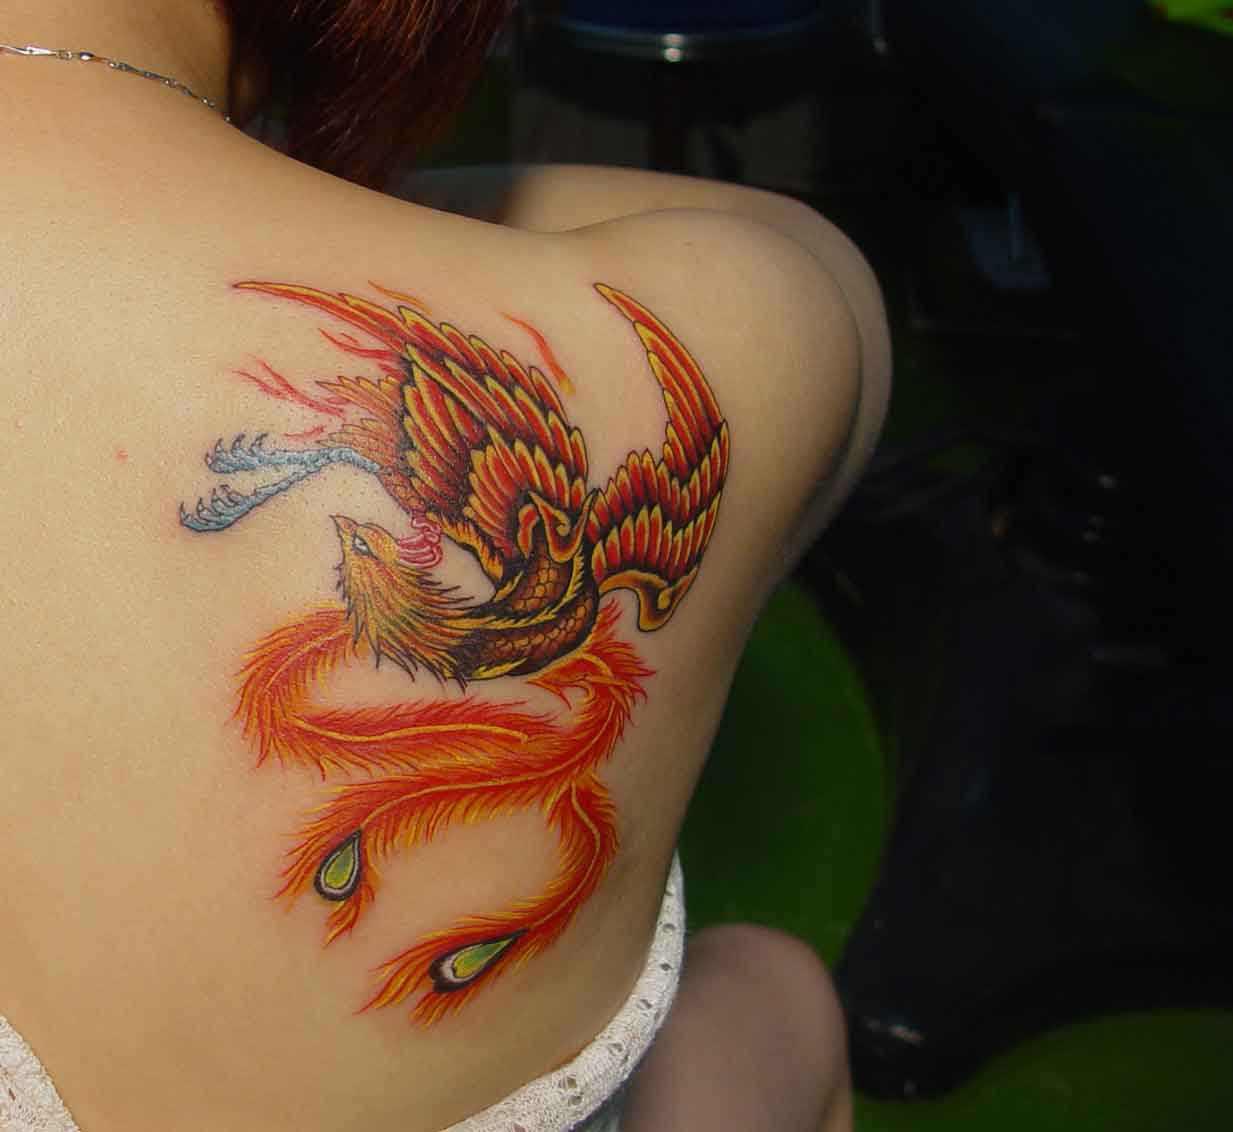 纹身的注意事项,雅诺秀慎重提醒纹身需谨慎!图片